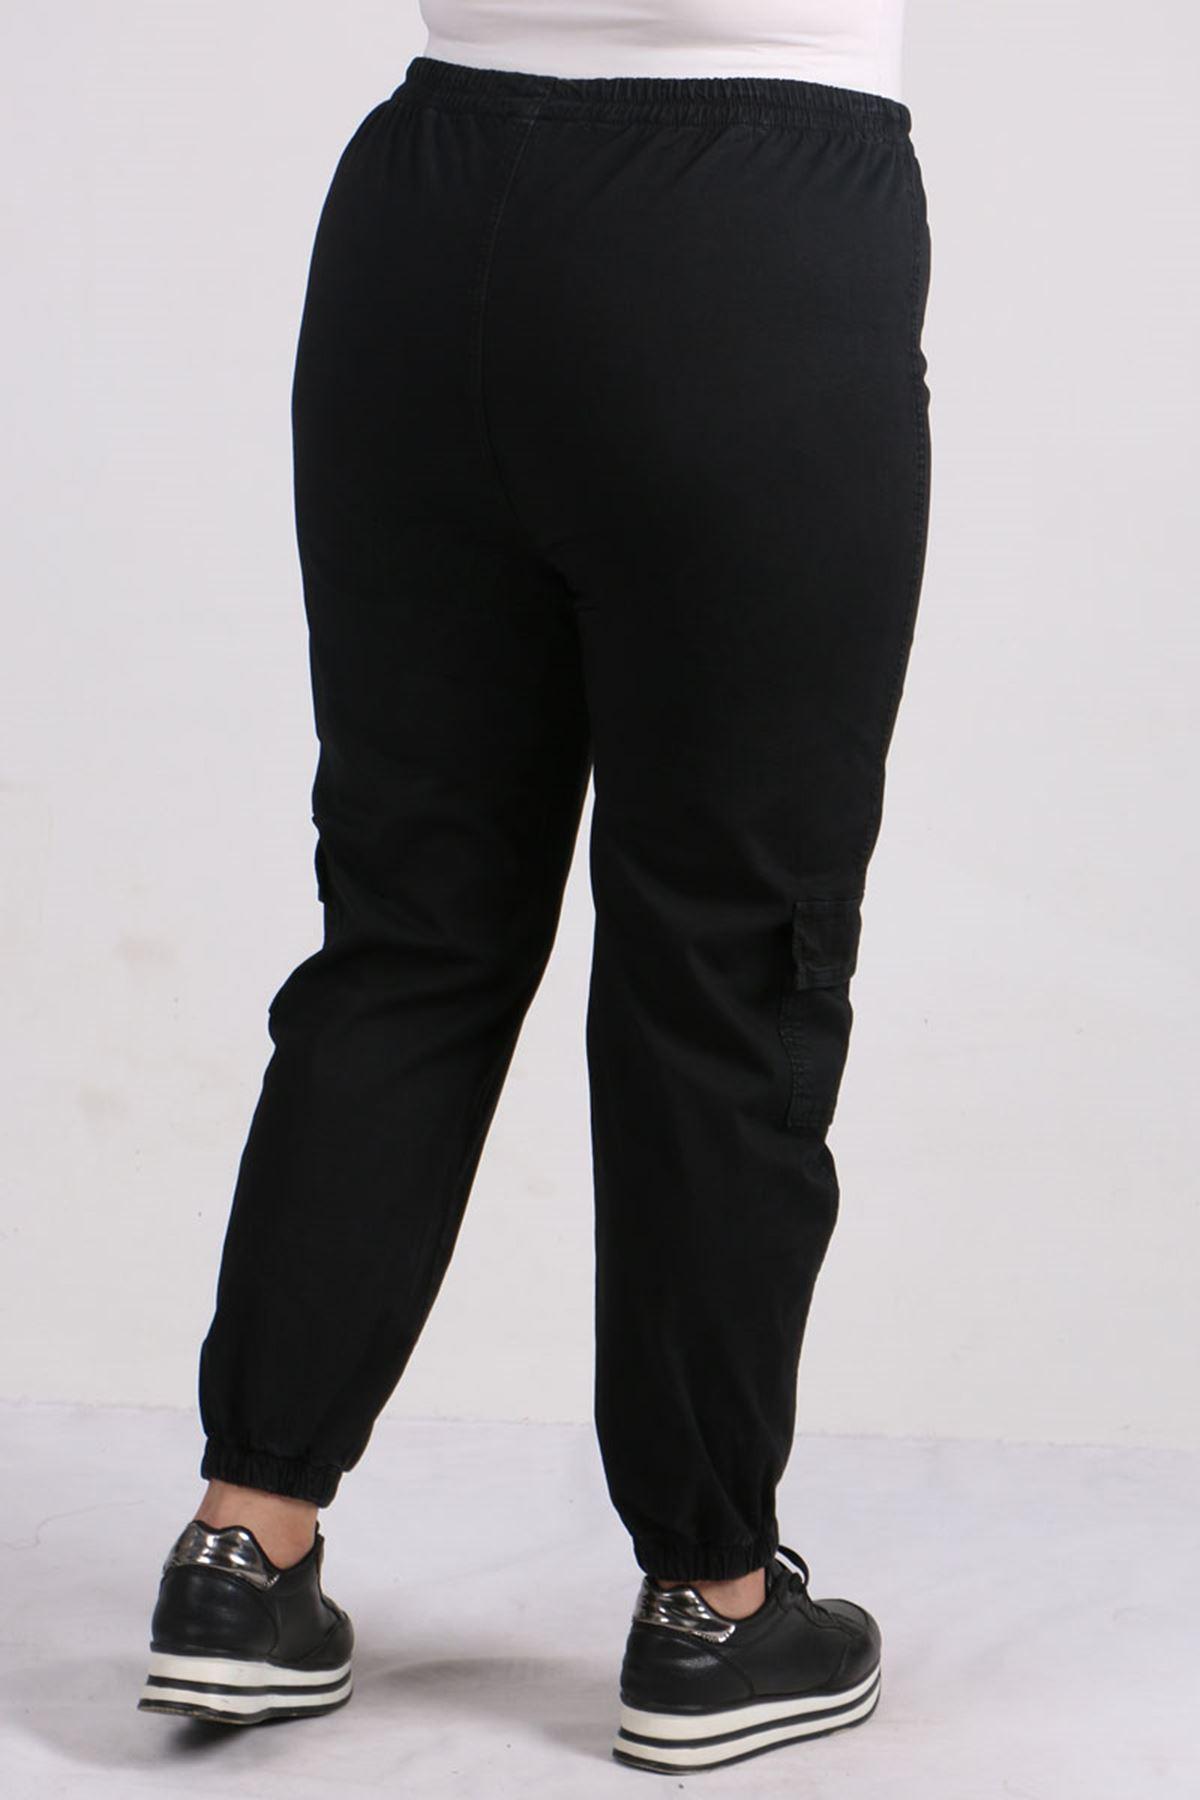 9140 Büyük Beden Kargo Cepli Gabardin Pantolon - Siyah